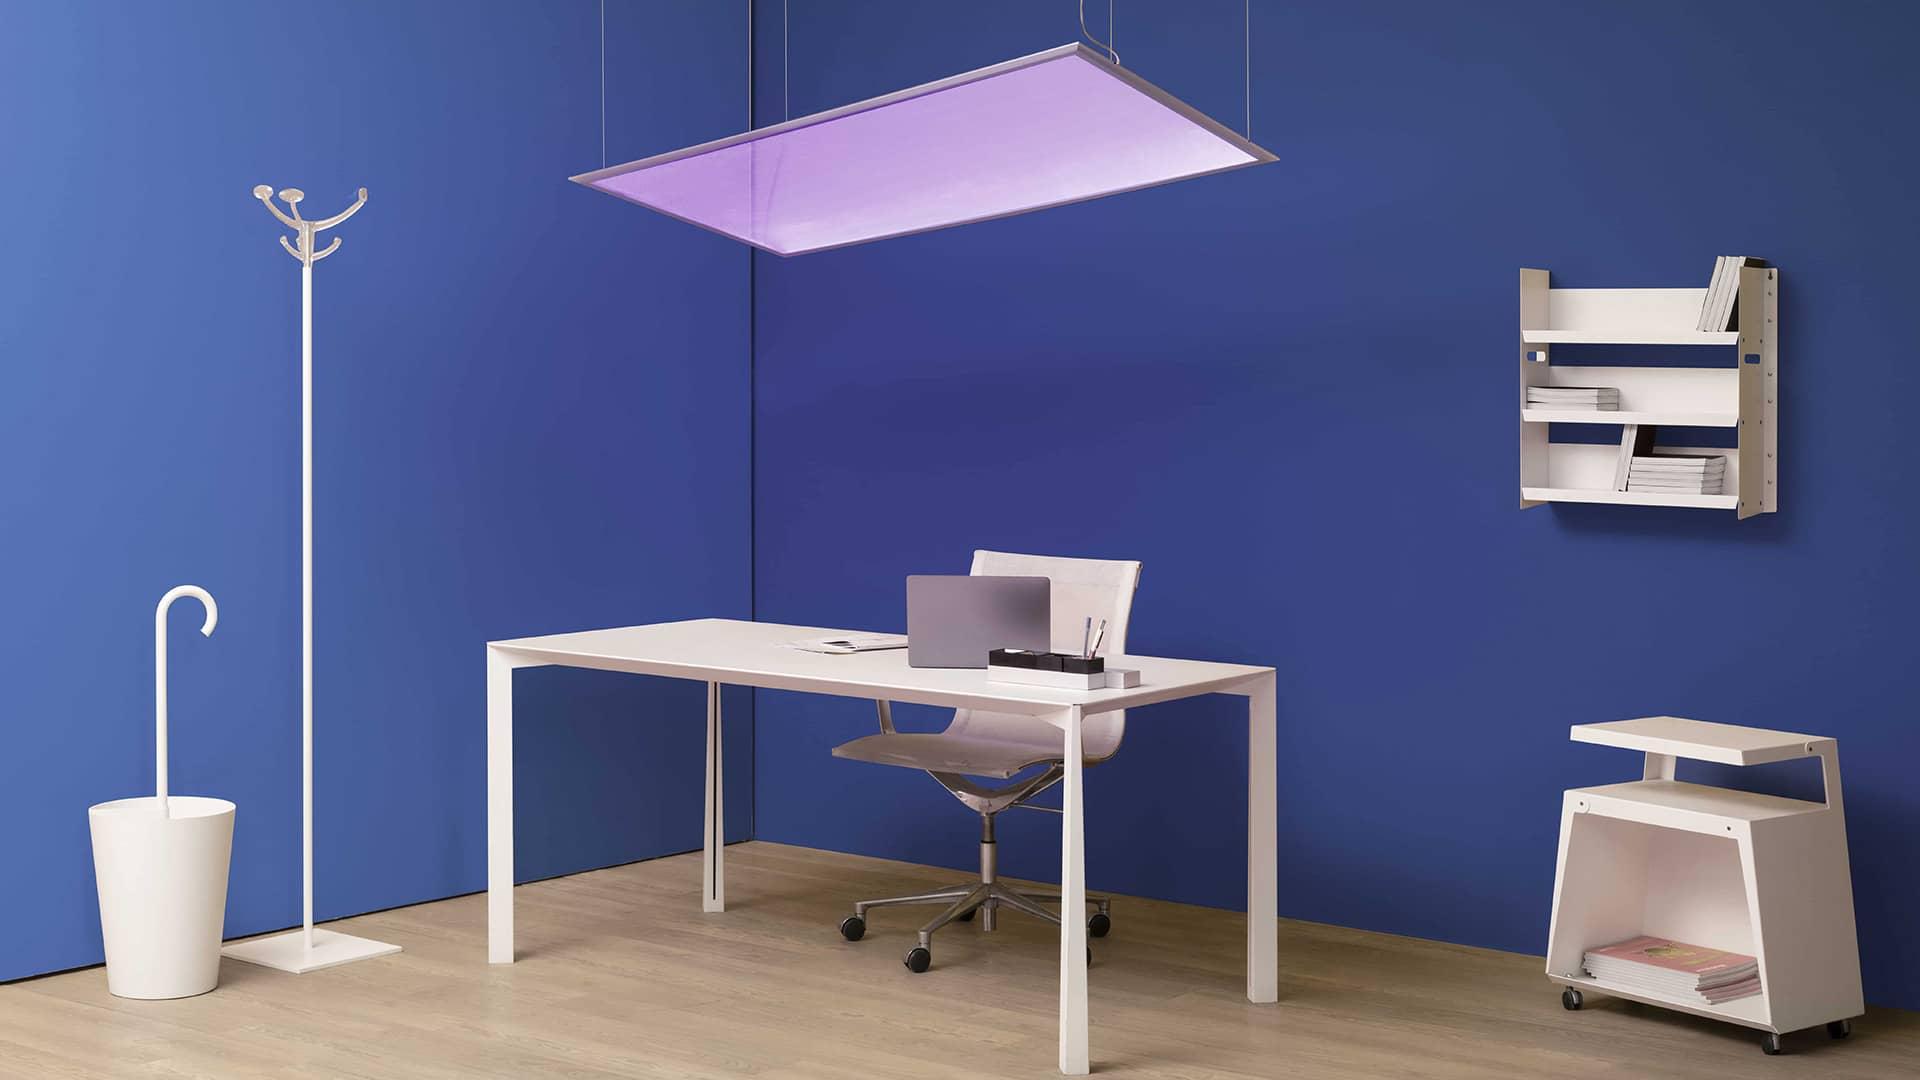 Artemide showcase their antiviral ultraviolet Integralis range at Design London